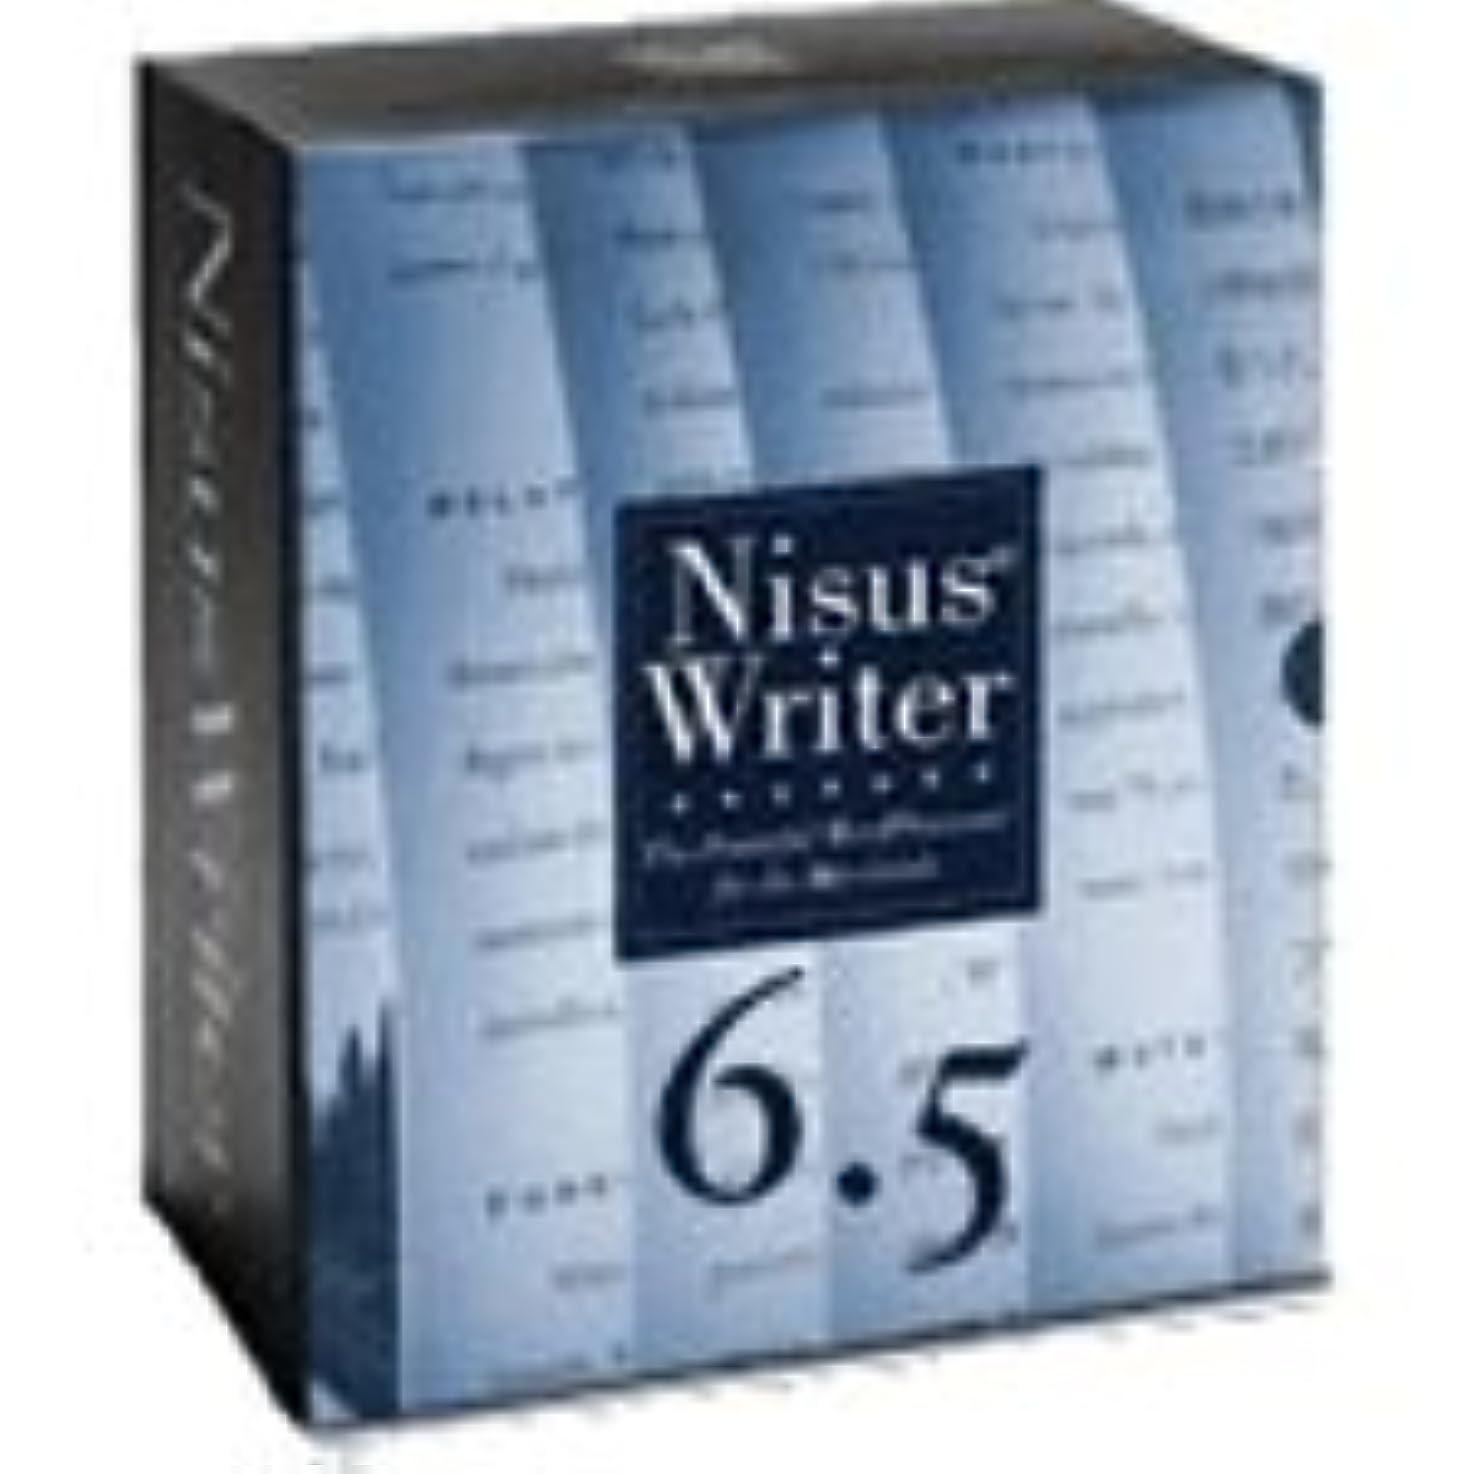 有害正当な状Nisus Writer 6.5J